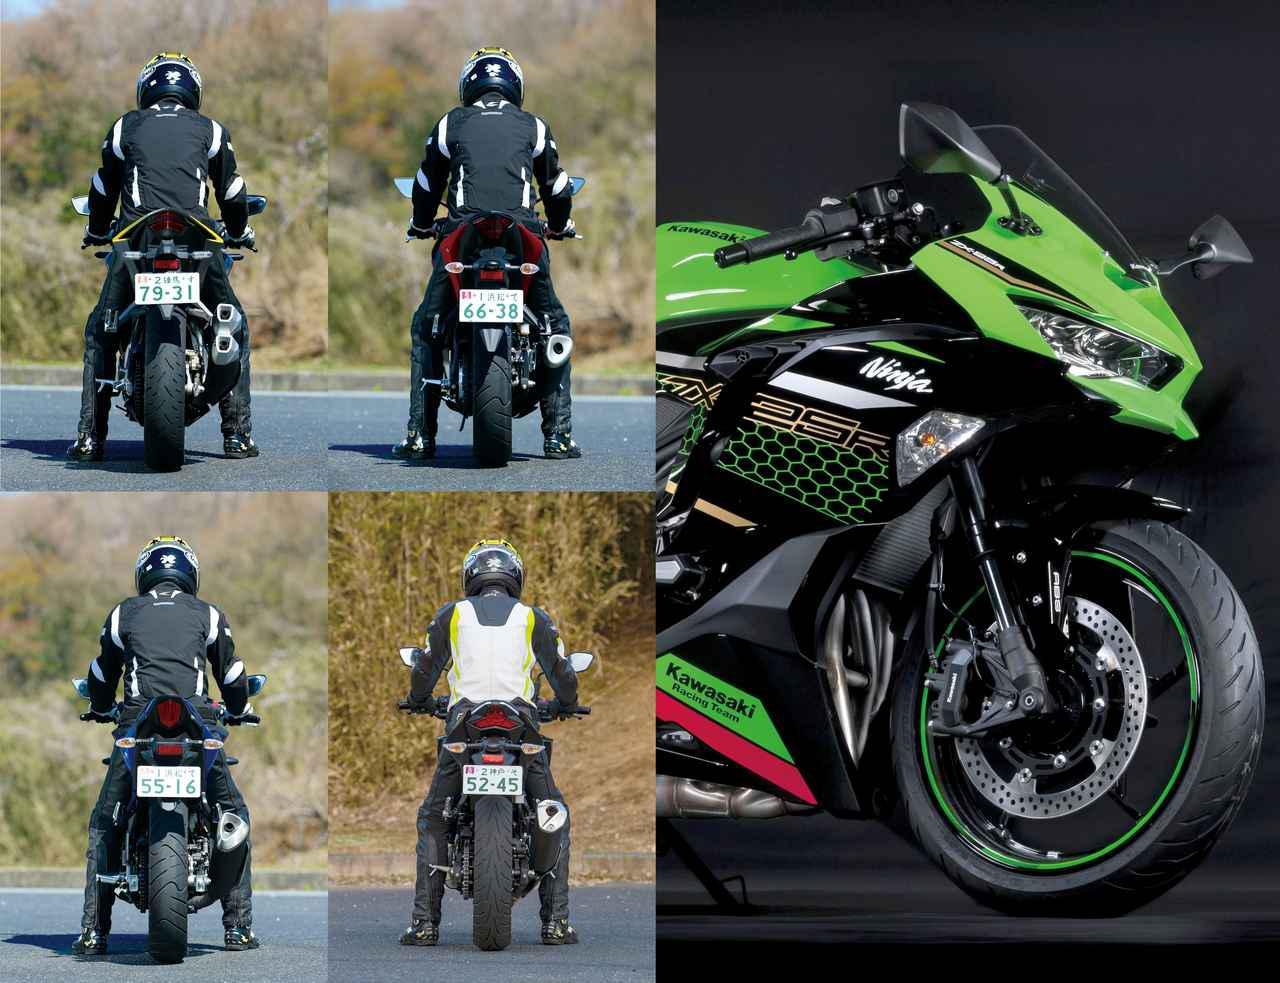 画像: 【250ccスポーツバイク比較検証】Ninja ZX-25R・CBR250RR・YZF-R25・Ninja250・GSX250R〈装備・メーター・足つき性編〉 - webオートバイ